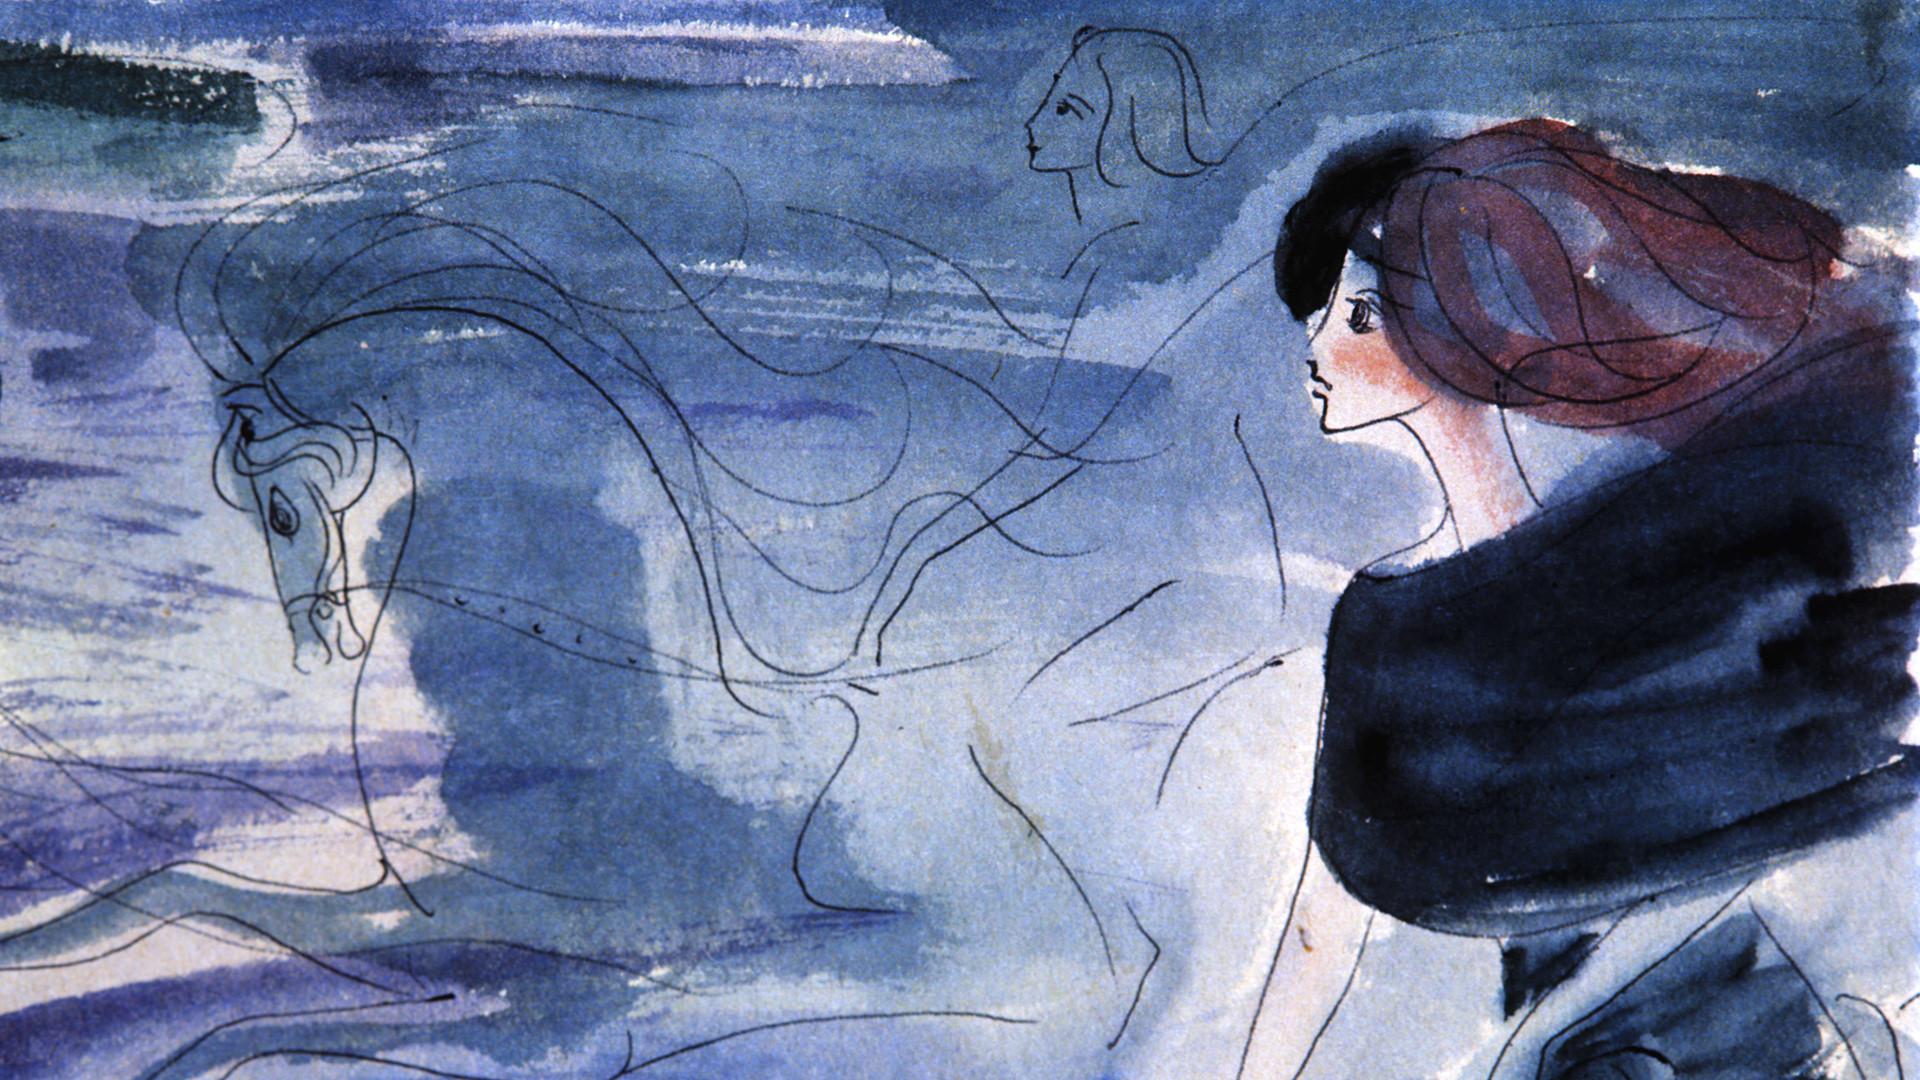 Copia del dibujo de la última escena de ´El maestro y Margarita´ de Bulgákov, realizado por Nadia Rúsheva a los 16 años (1968).